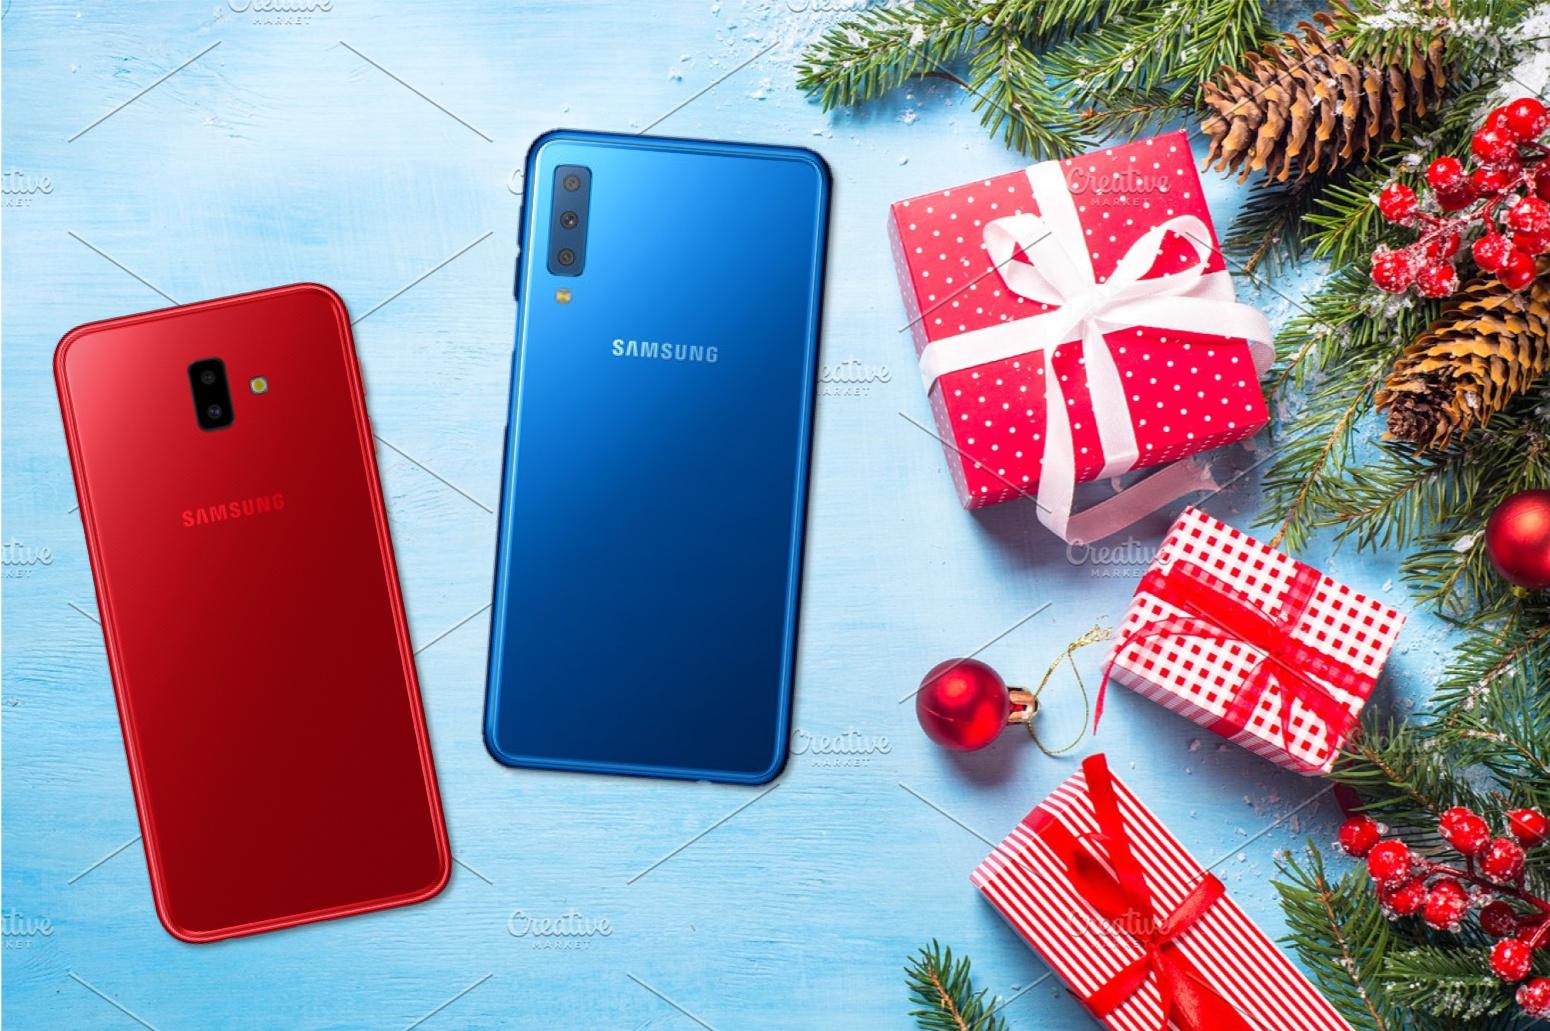 """""""Yêu là tặng quà"""" đến 500.000 VND khi mua Galaxy A7, Galaxy J6+"""